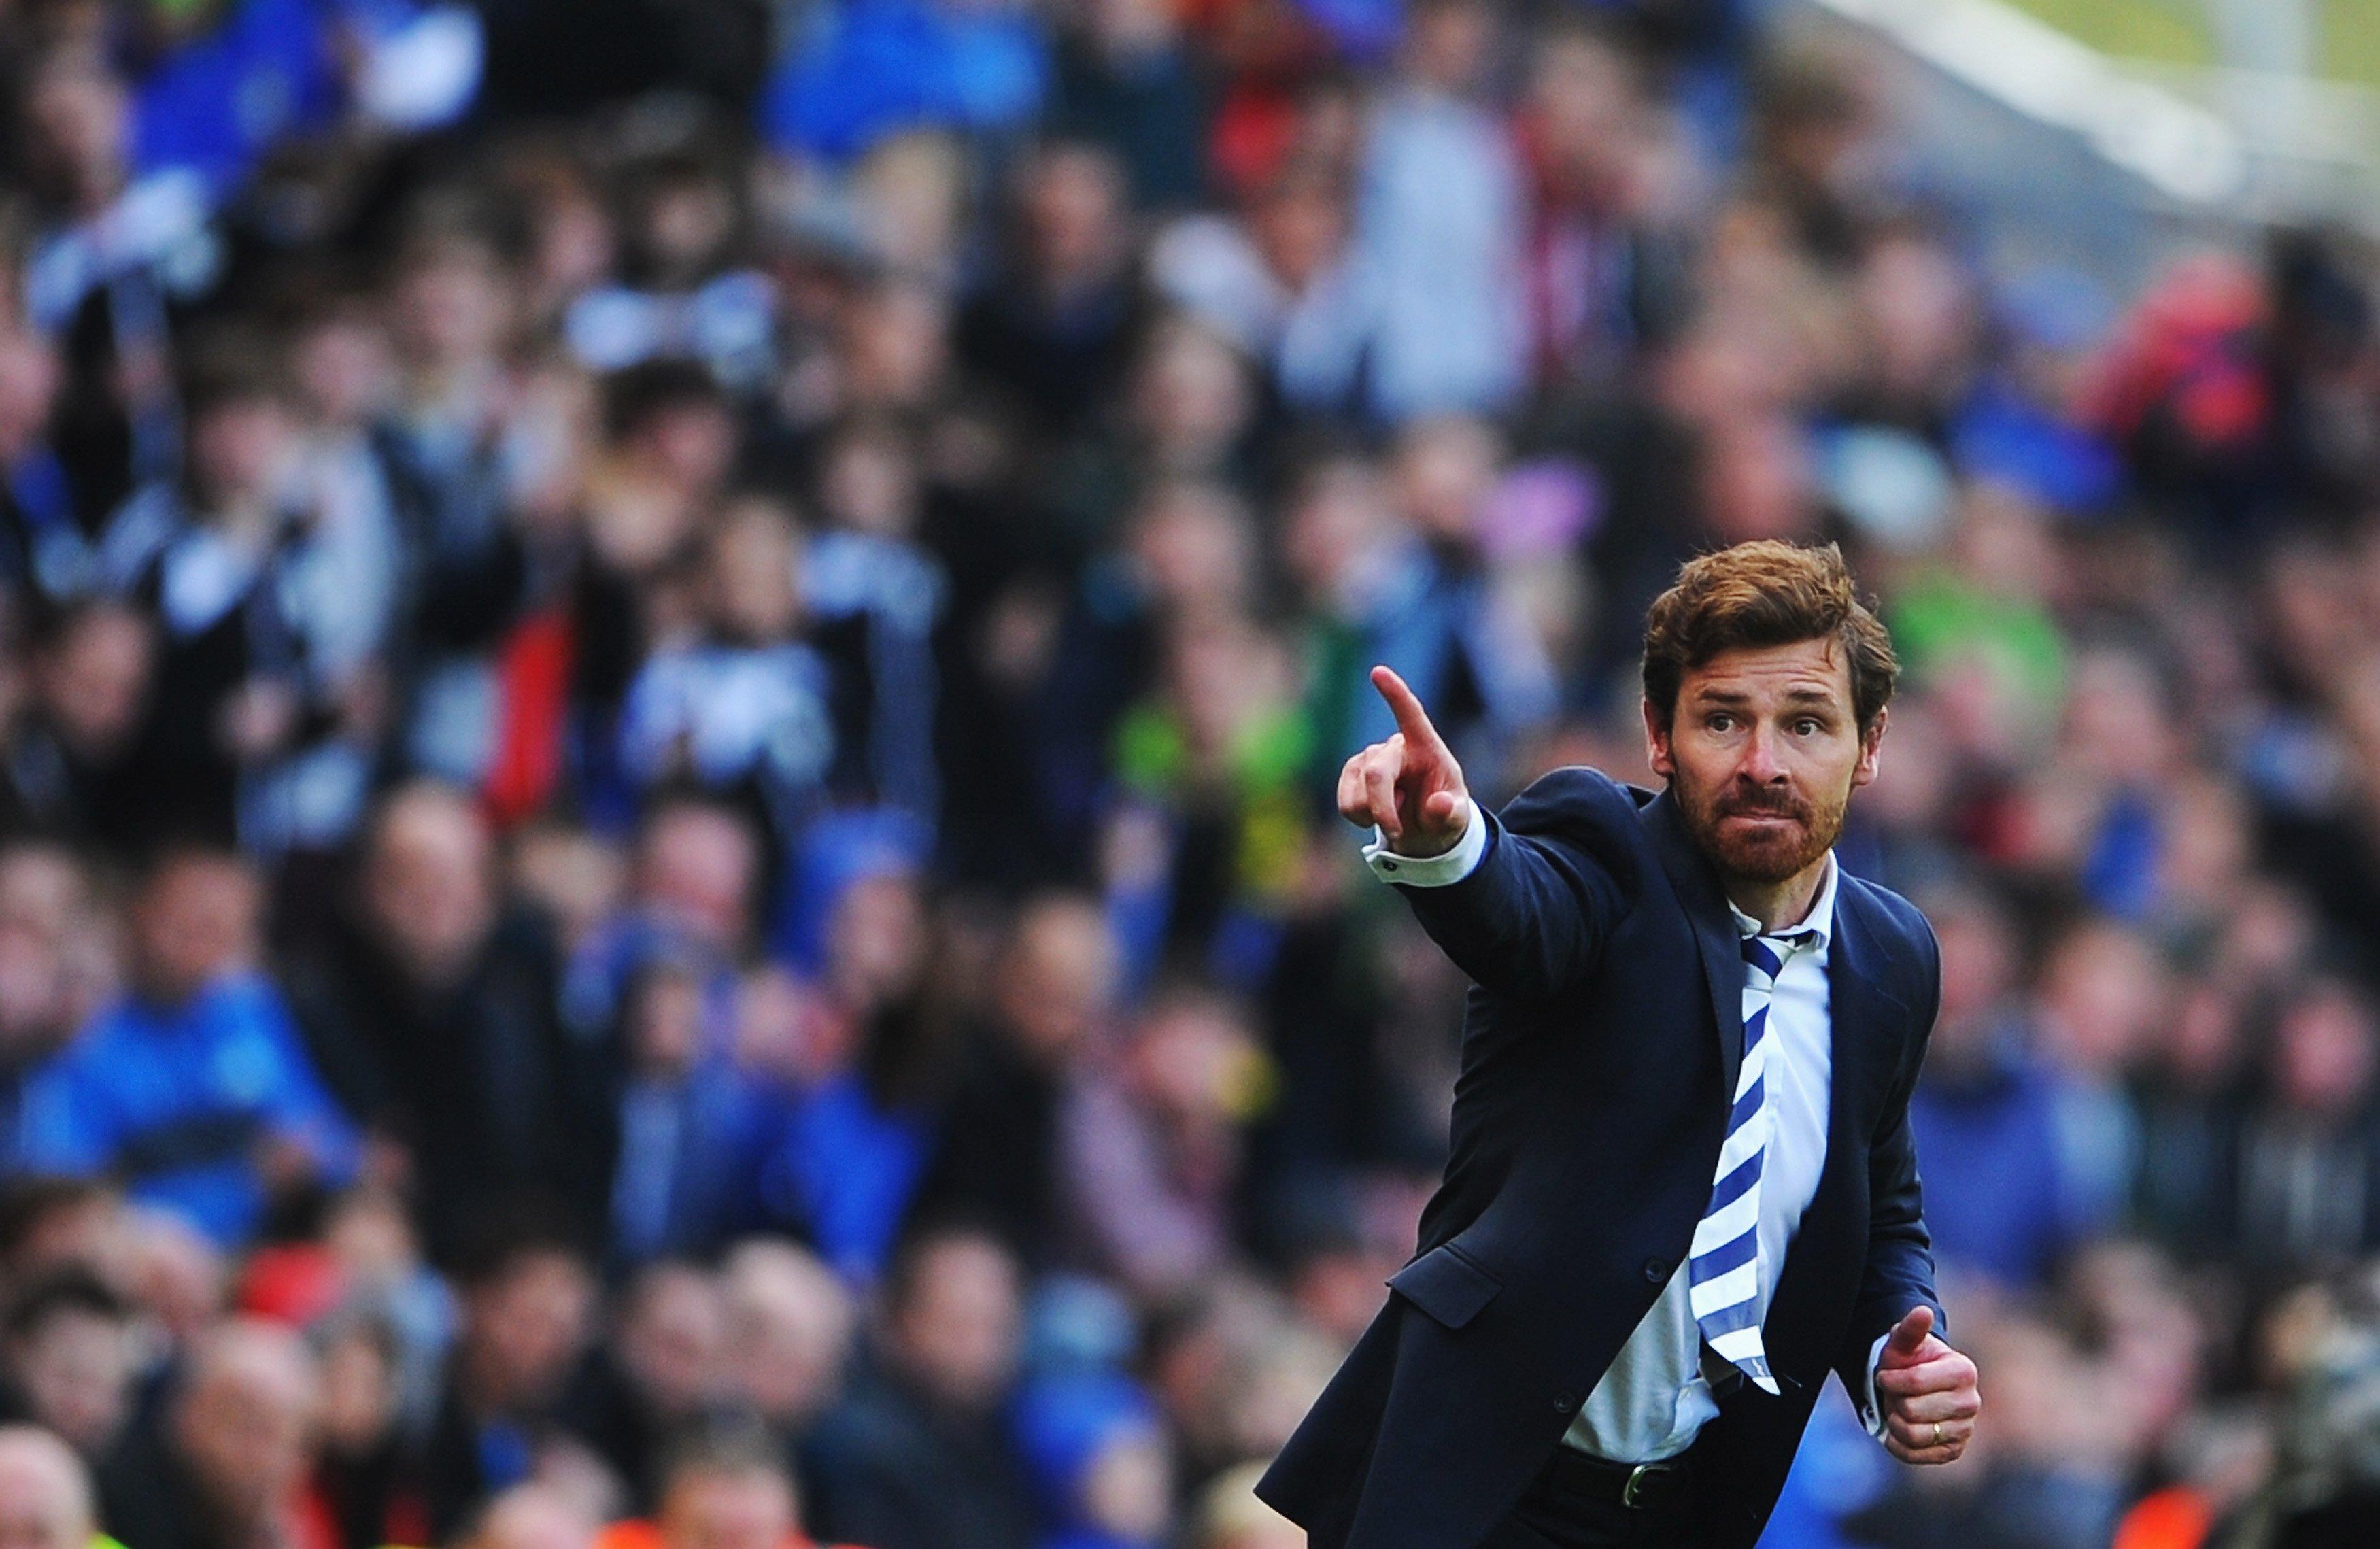 Портативный Football Manager 2014 вышел на iOS и Android - Изображение 1